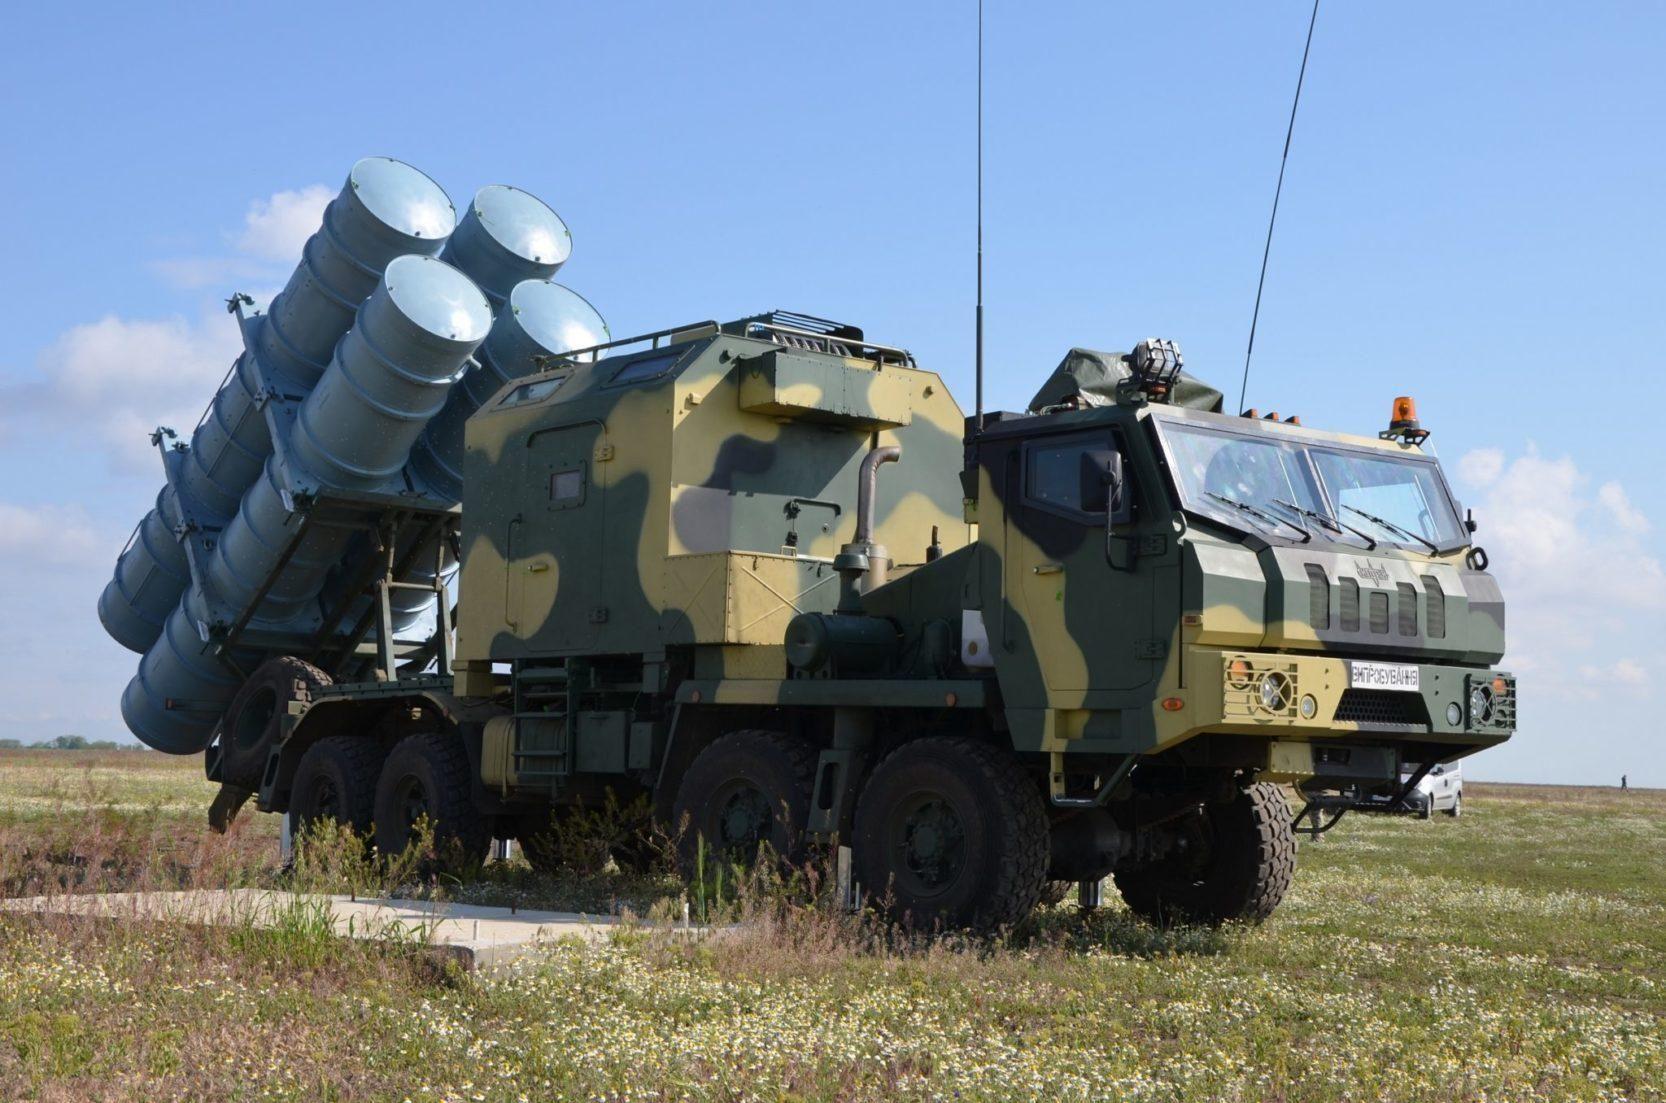 Техника войны: РК'Нептун', которого боится Москва. Автоматический гранотомет АГС-17 'Пламя' - Новости России - 24 Канал